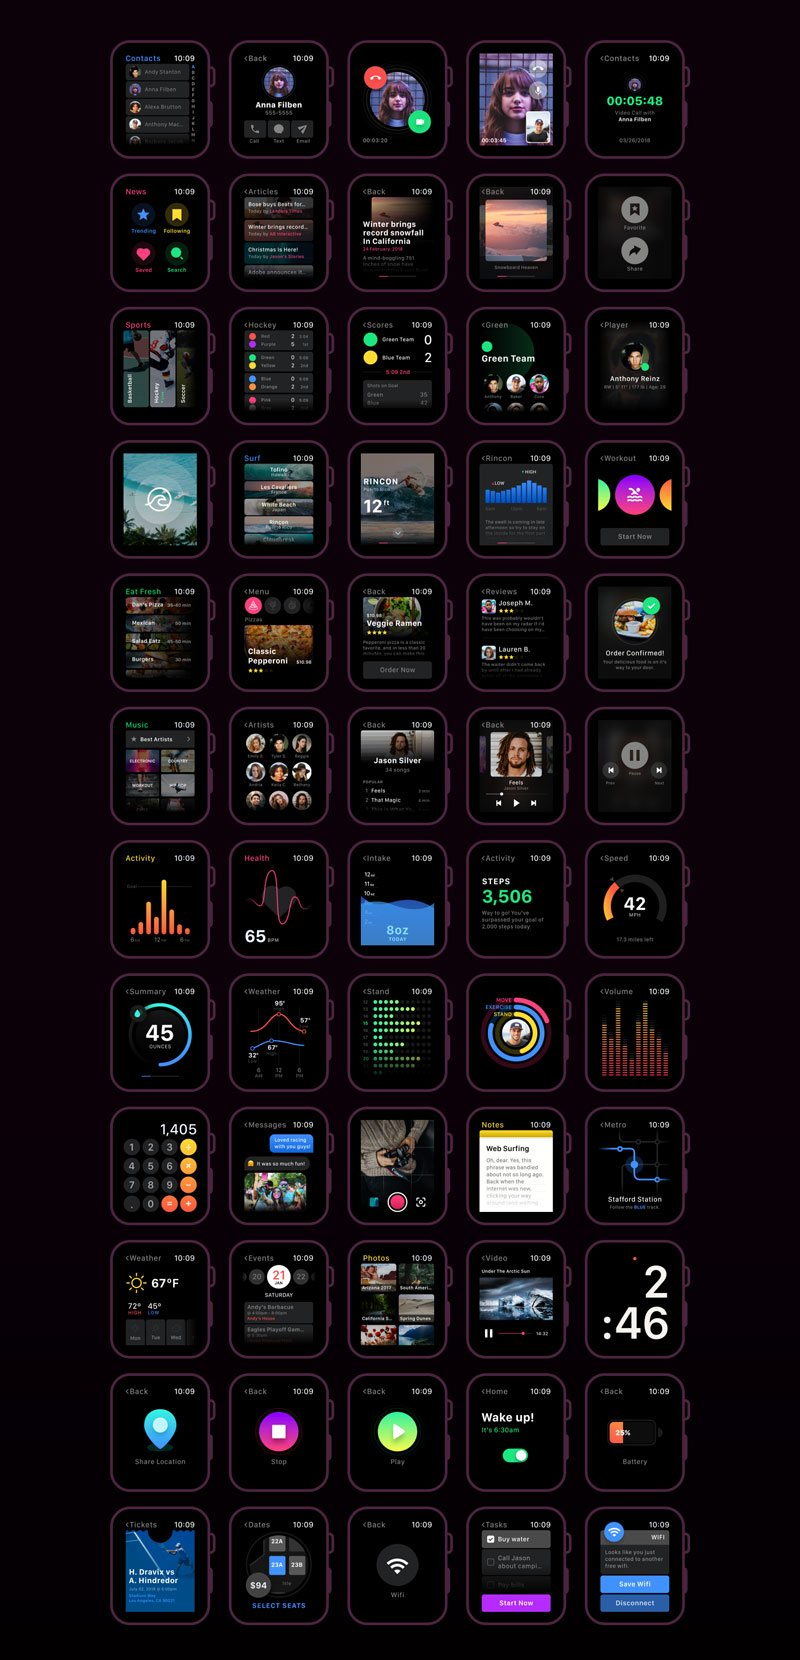 smartwatch-ui-kit-xd 2